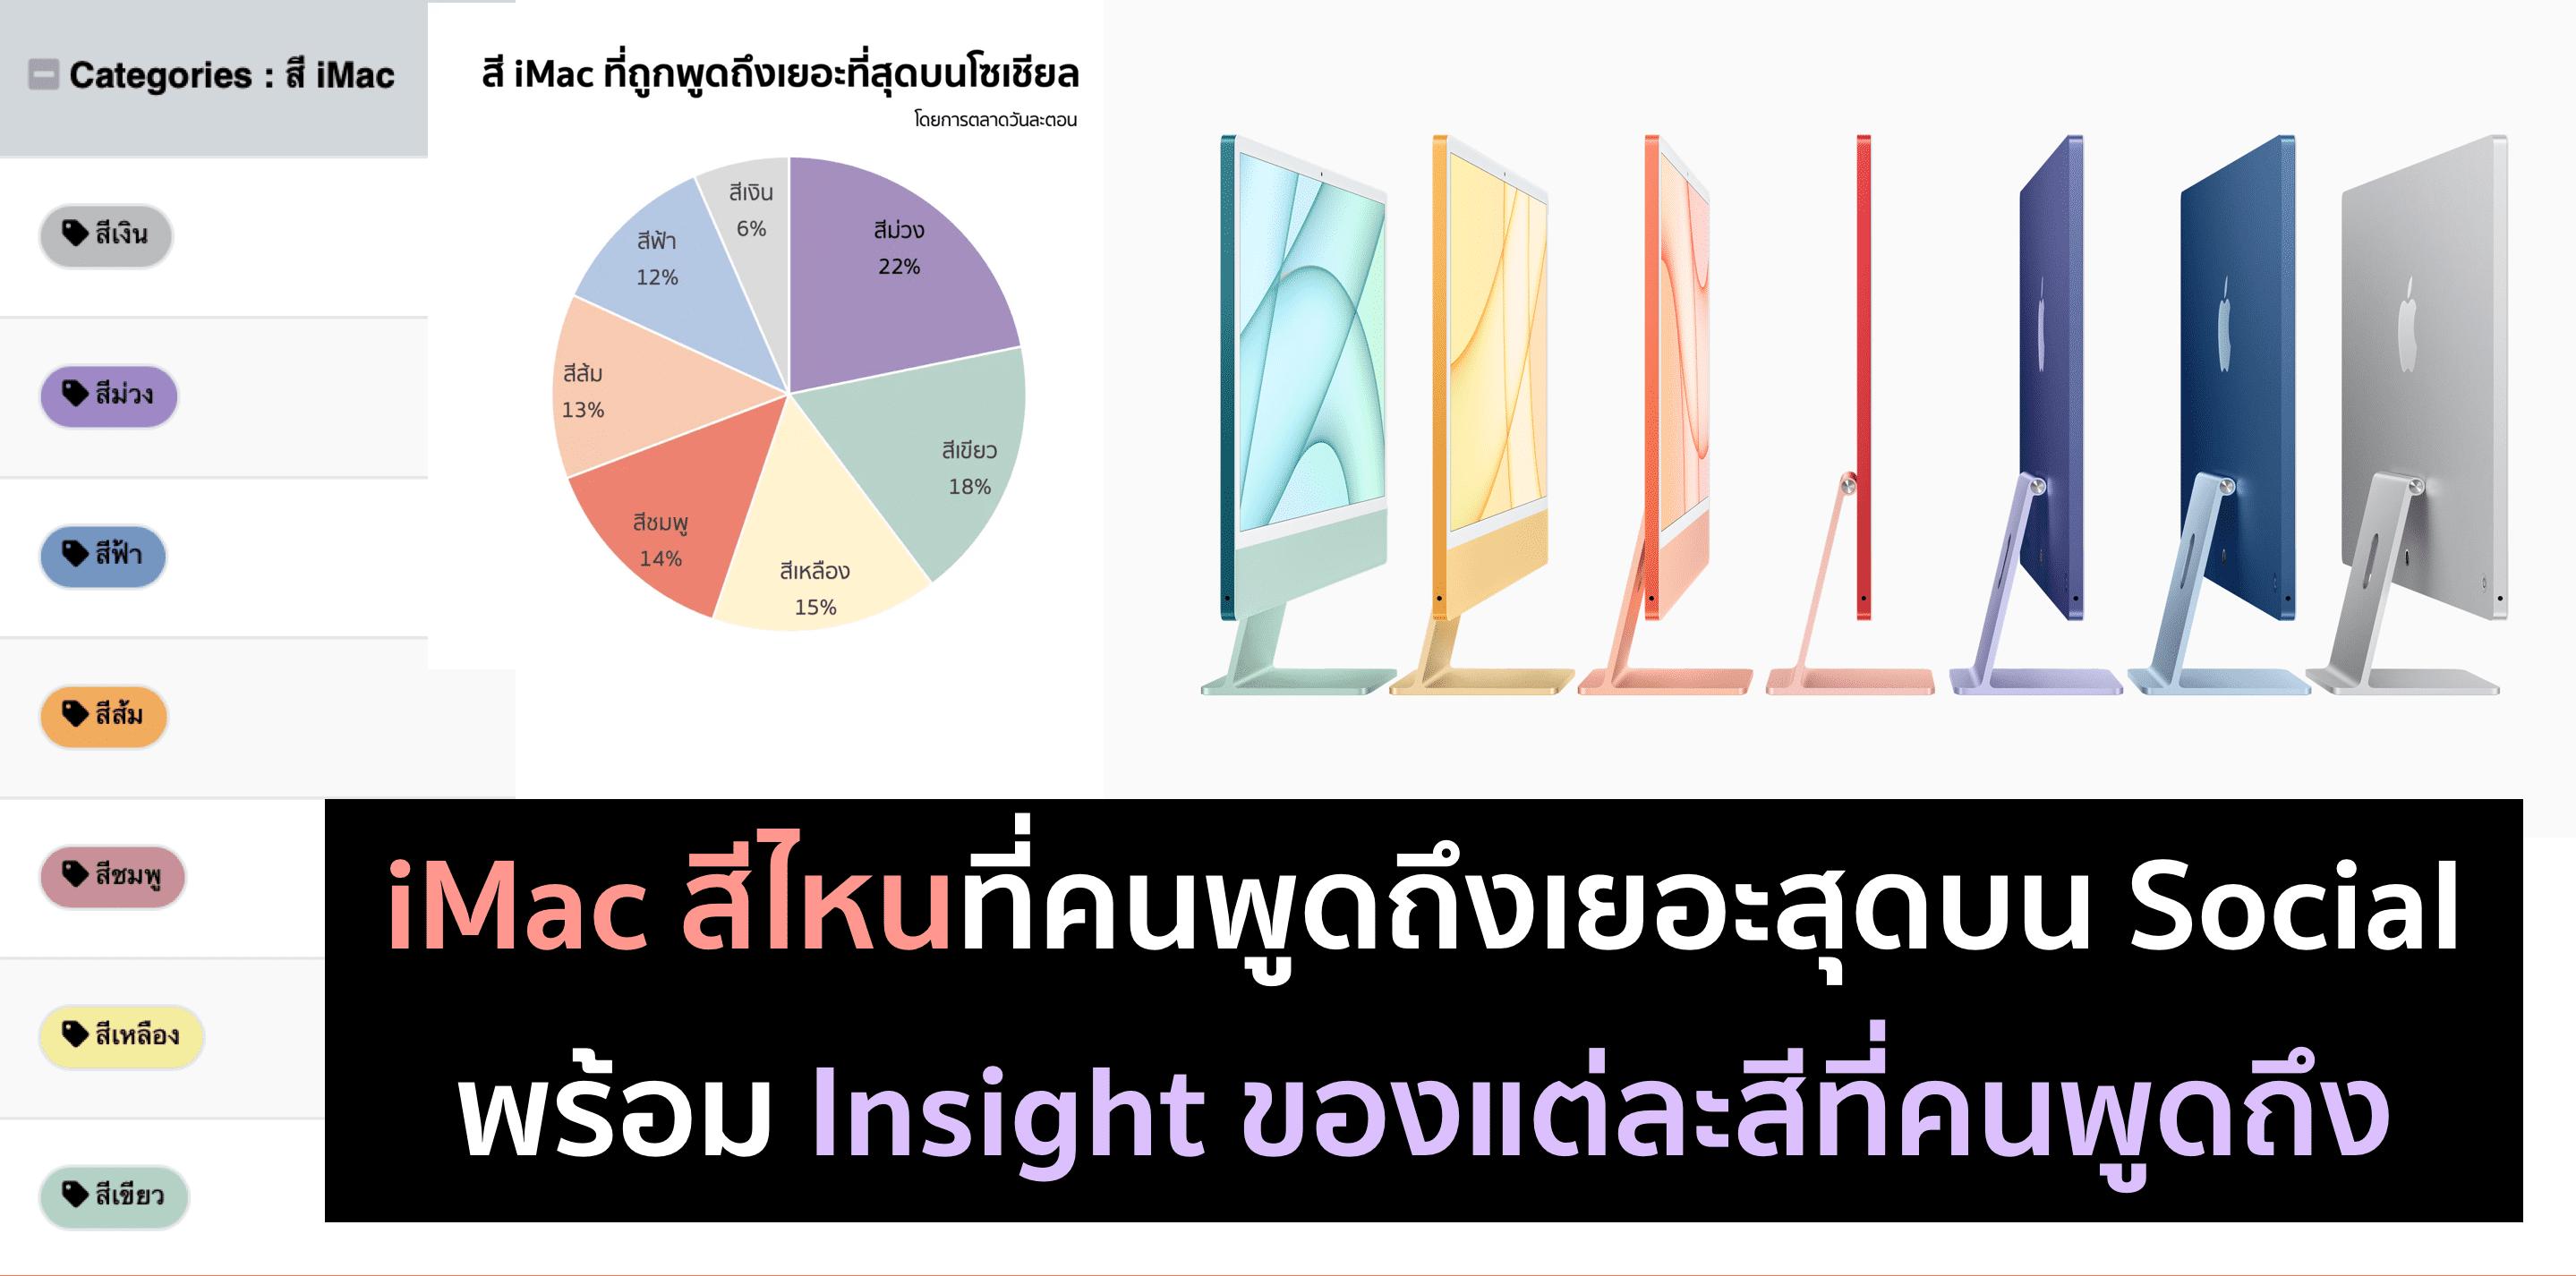 ส่อง iMac สีไหน ที่คนพูดถึงมากที่สุดด้วย Social Listening